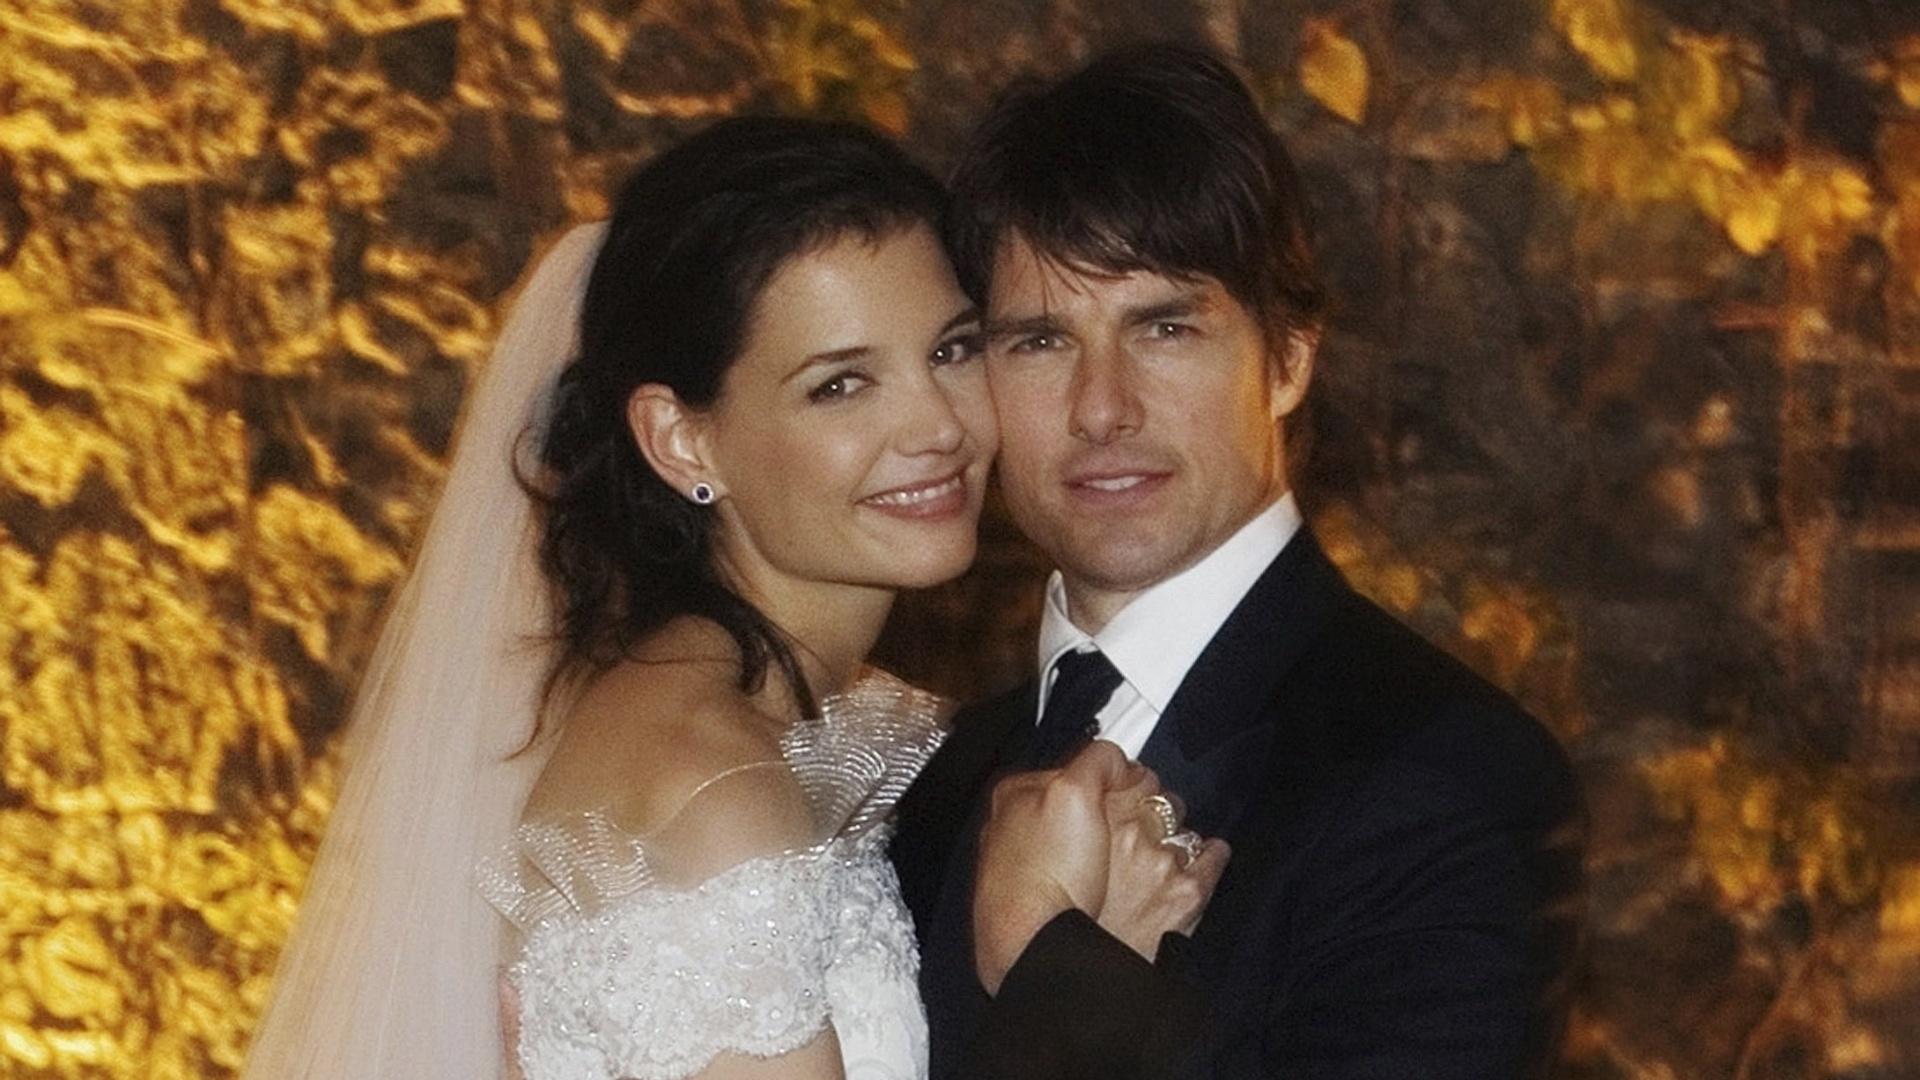 18.nov.2006 - Tom Cruise e Katie Holmes se casam em castelo medieval na cidade de Braccino, na Itália